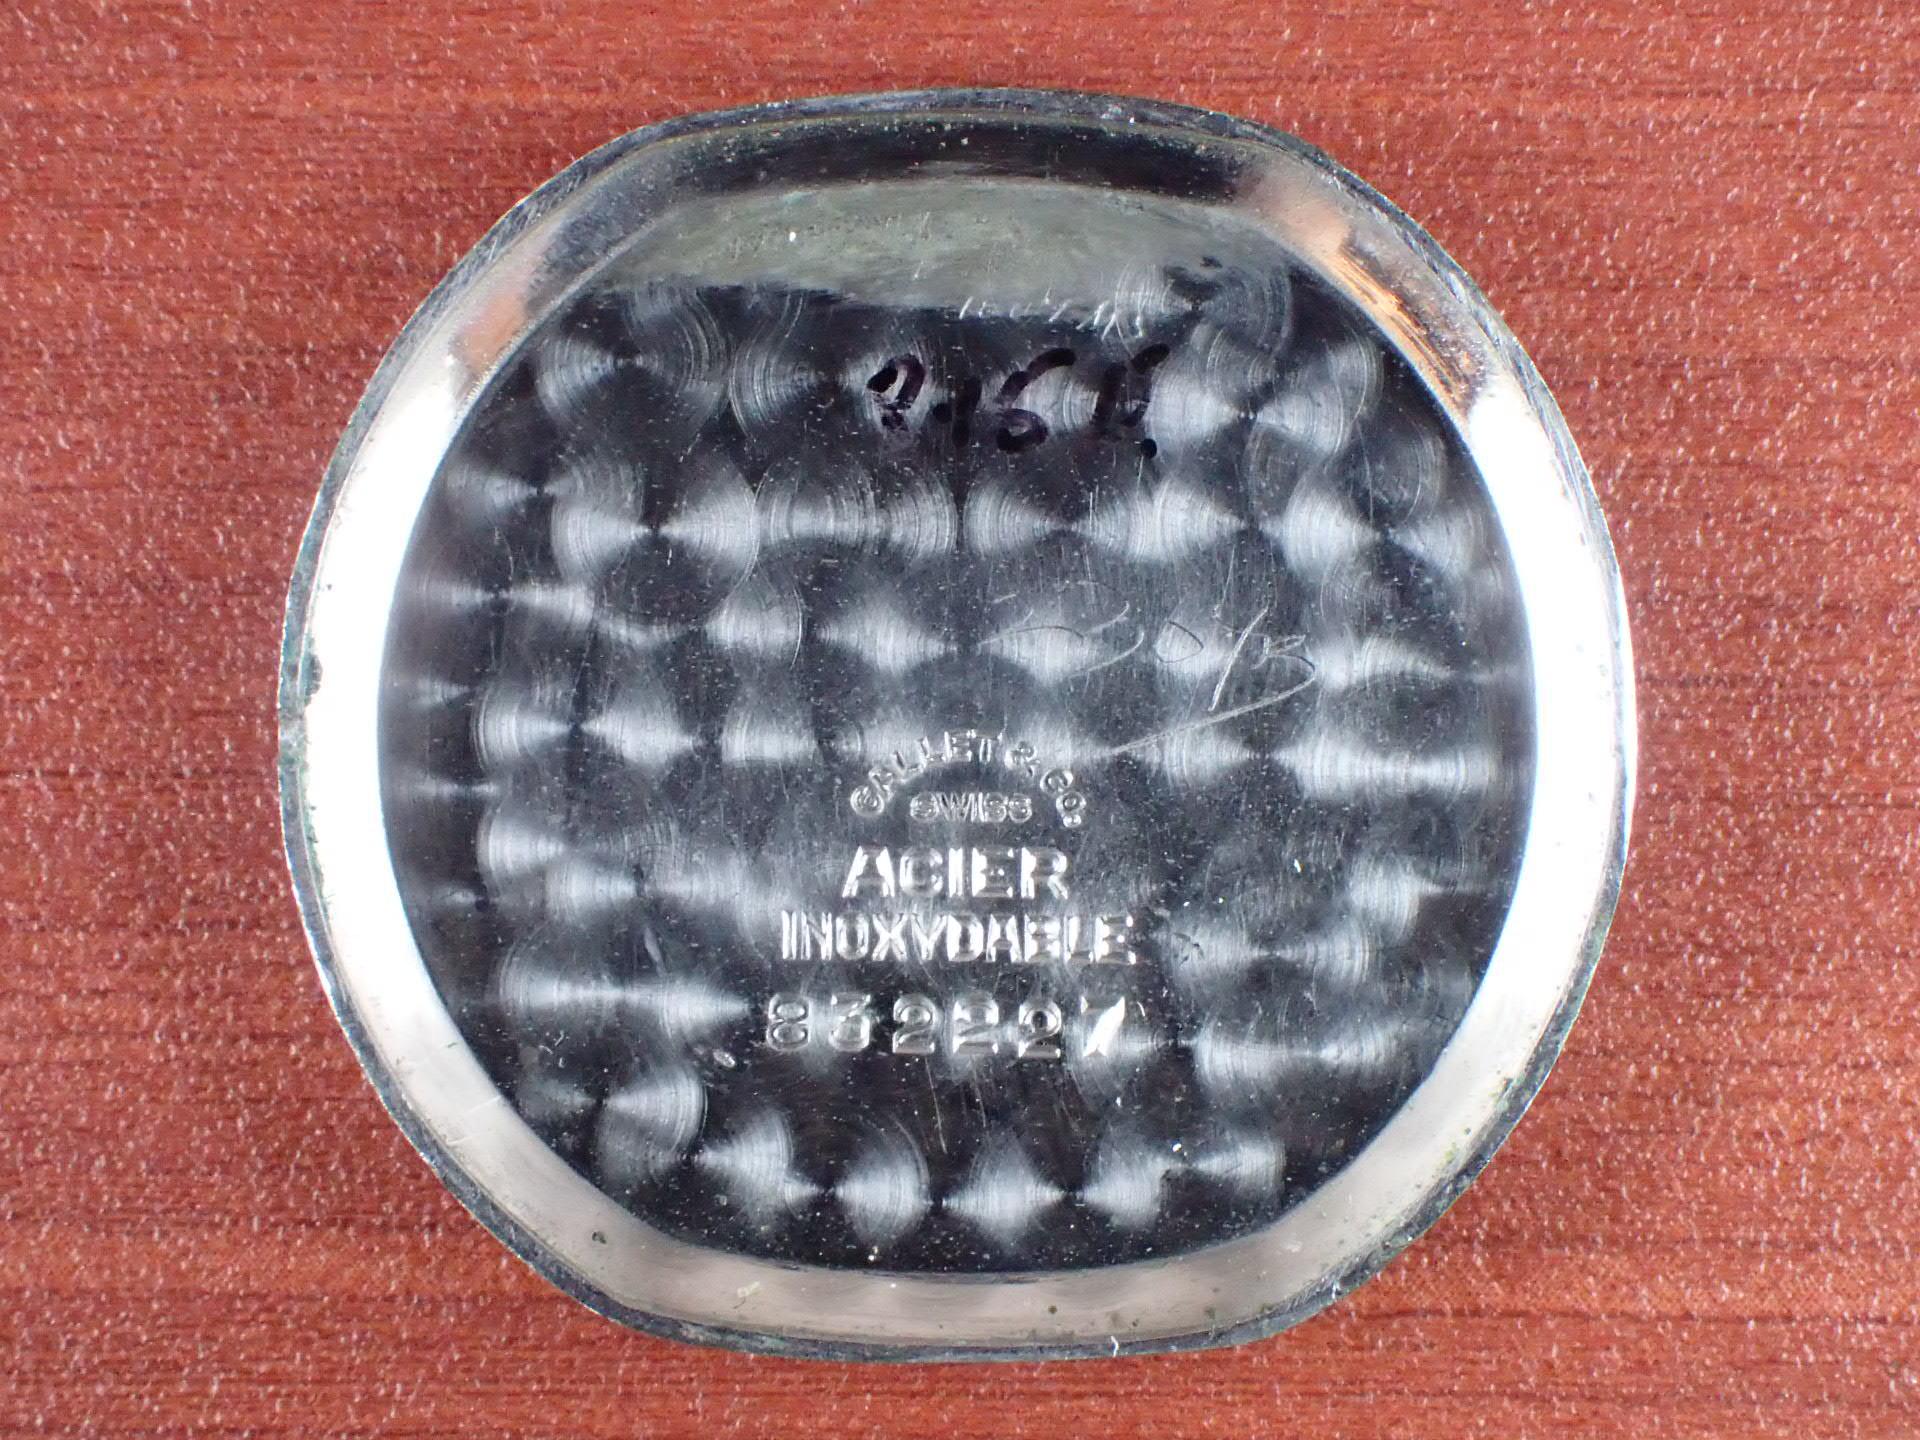 ギャレット ベビークロノグラフ オーバル型 エクセルシオパークCal.42 1940年代の写真6枚目